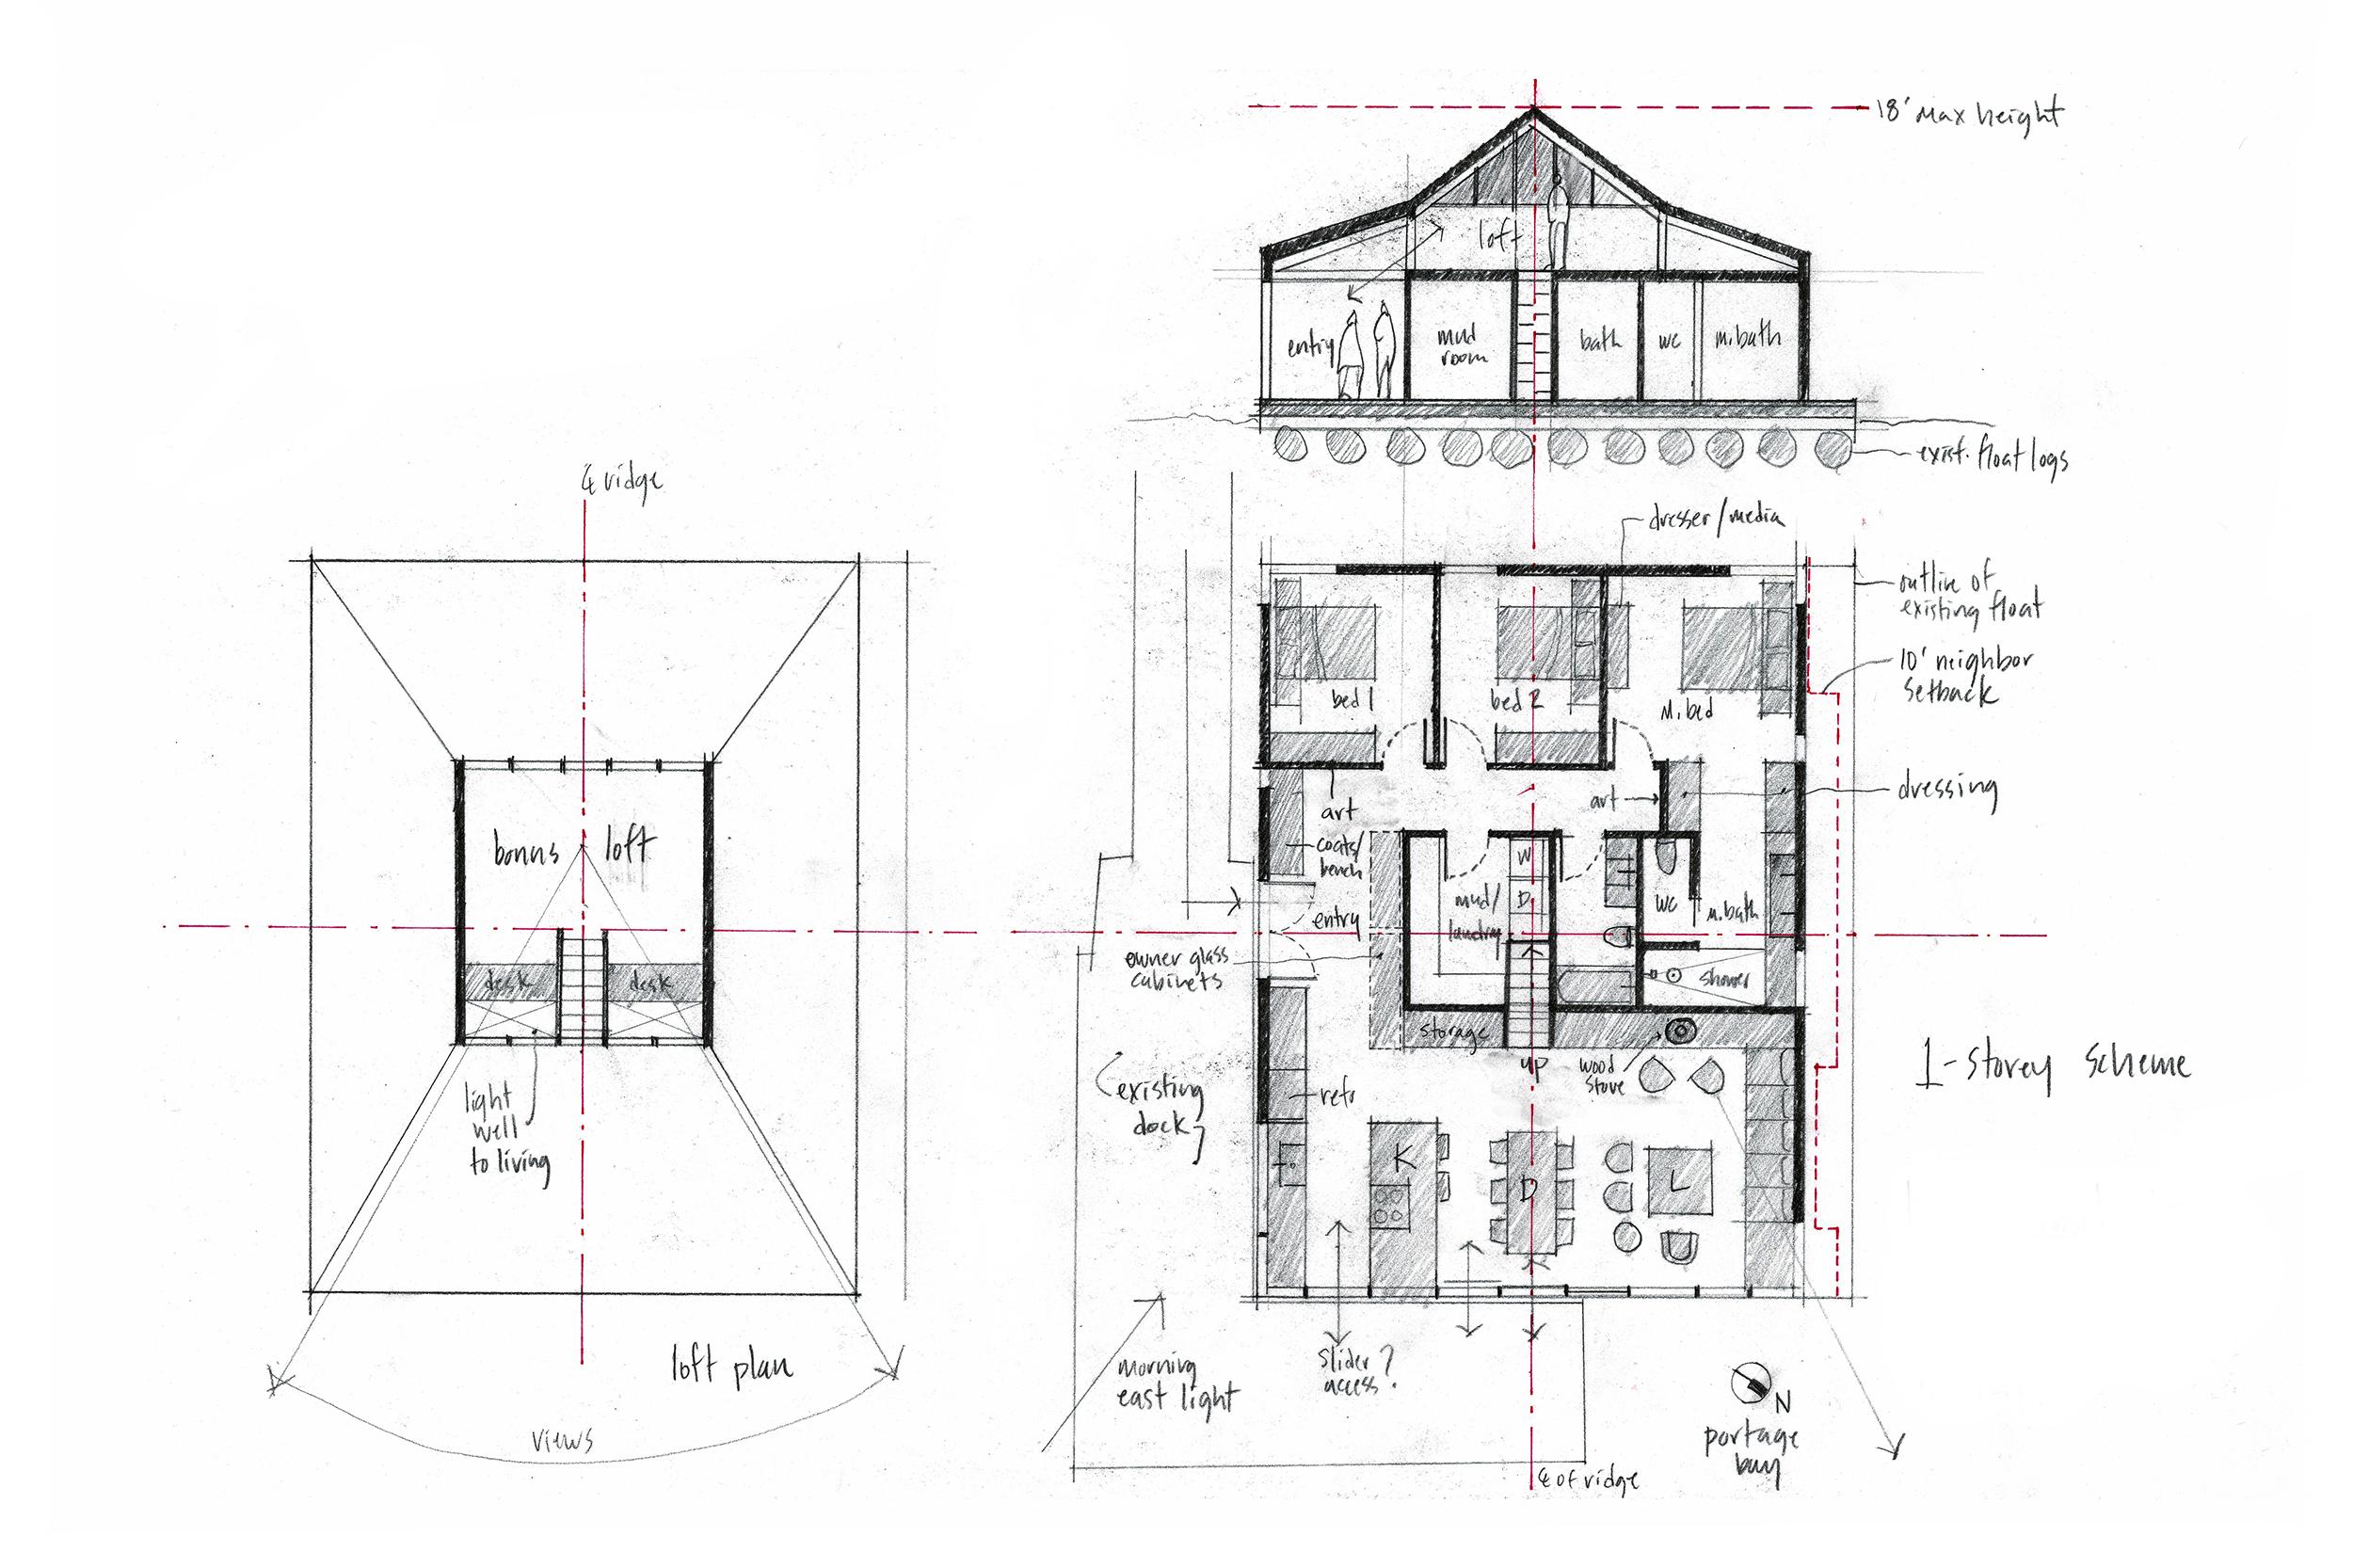 goCstudio_Portage Bay Houseboat_Schematic Design Sketches.jpg